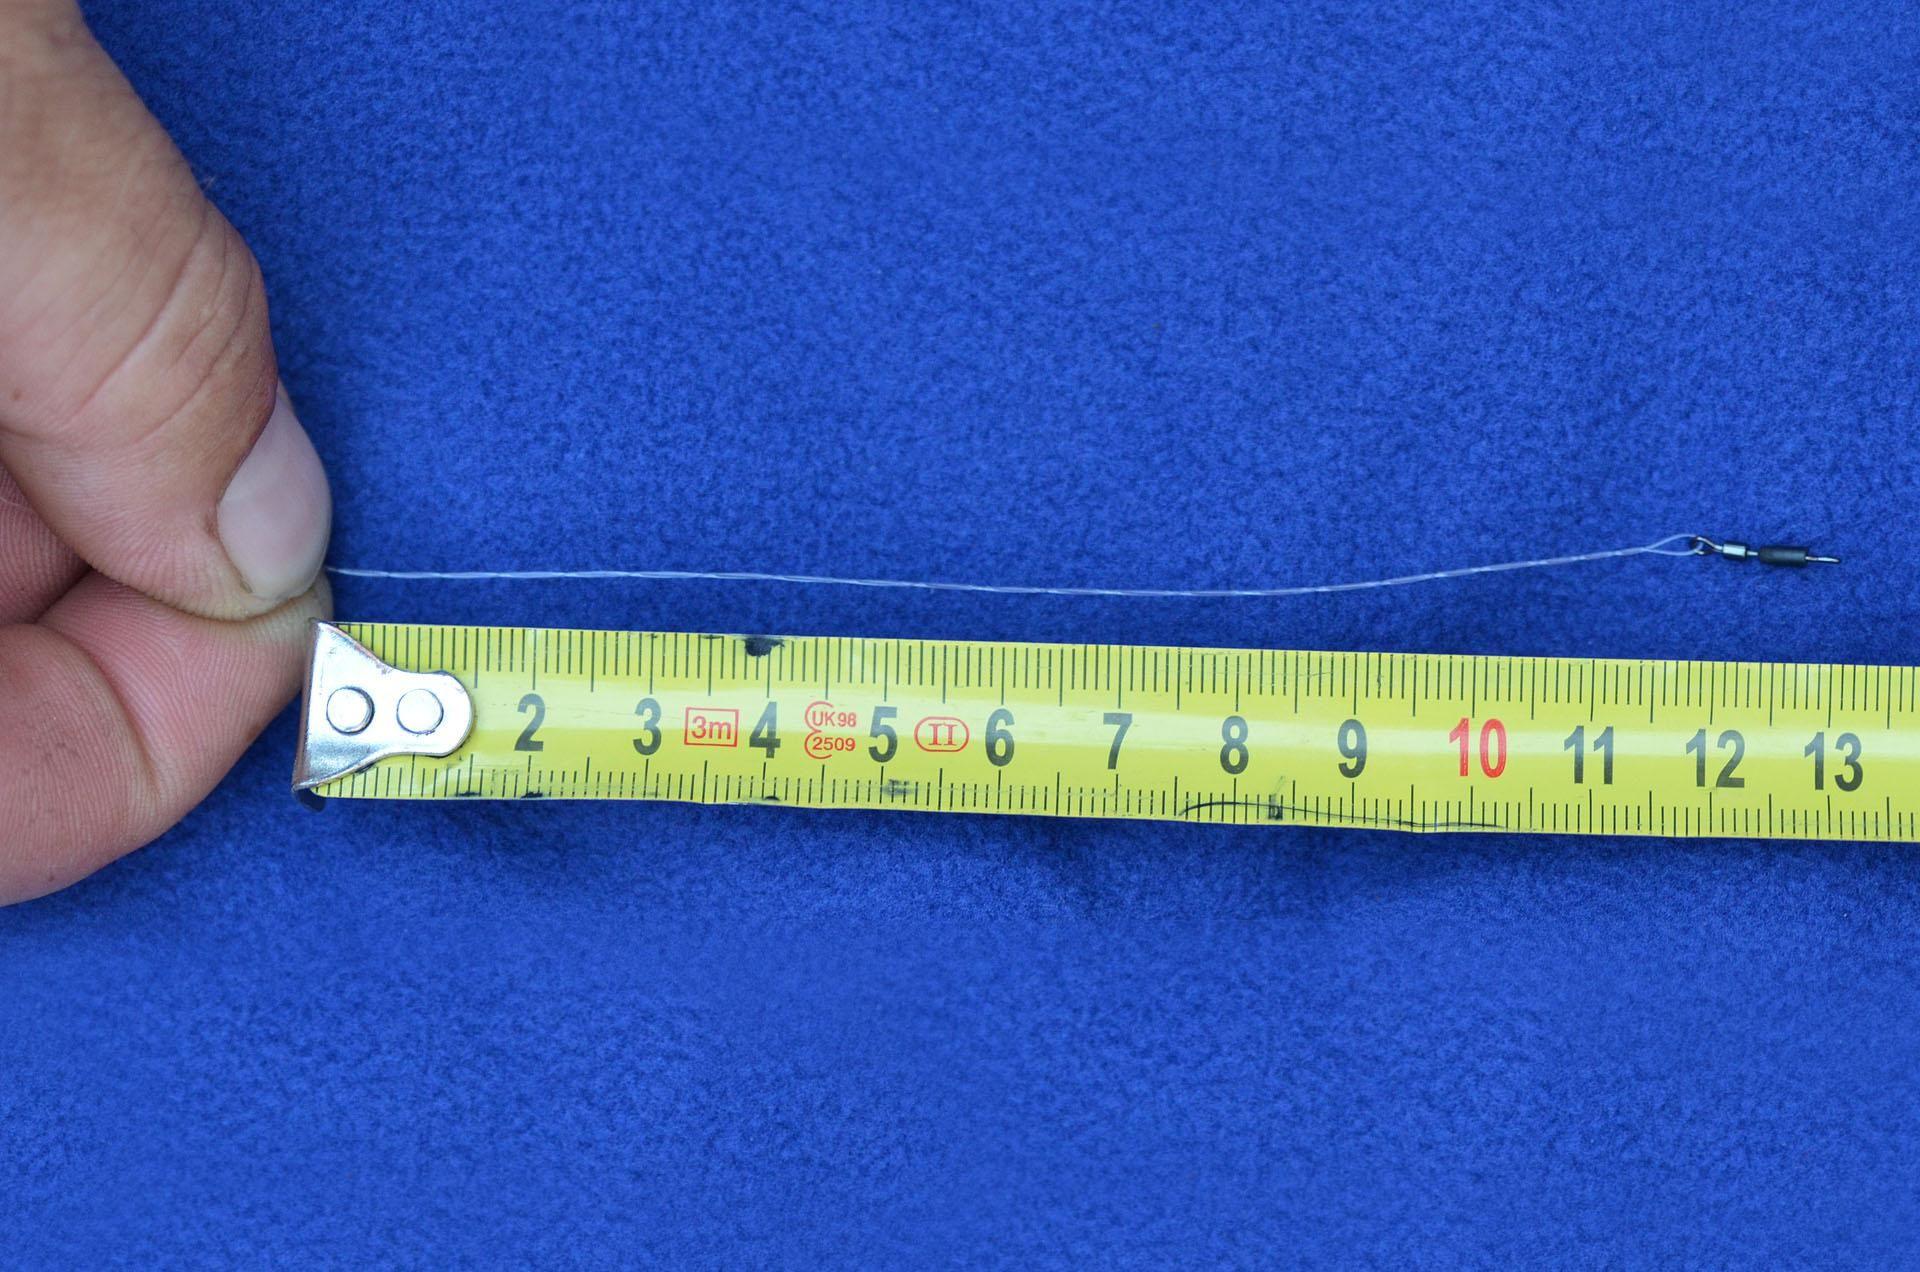 Ennek hossza minimum 10, maximum 15 cm legyen. Ennél a végszereléknél ez 13 cm lett